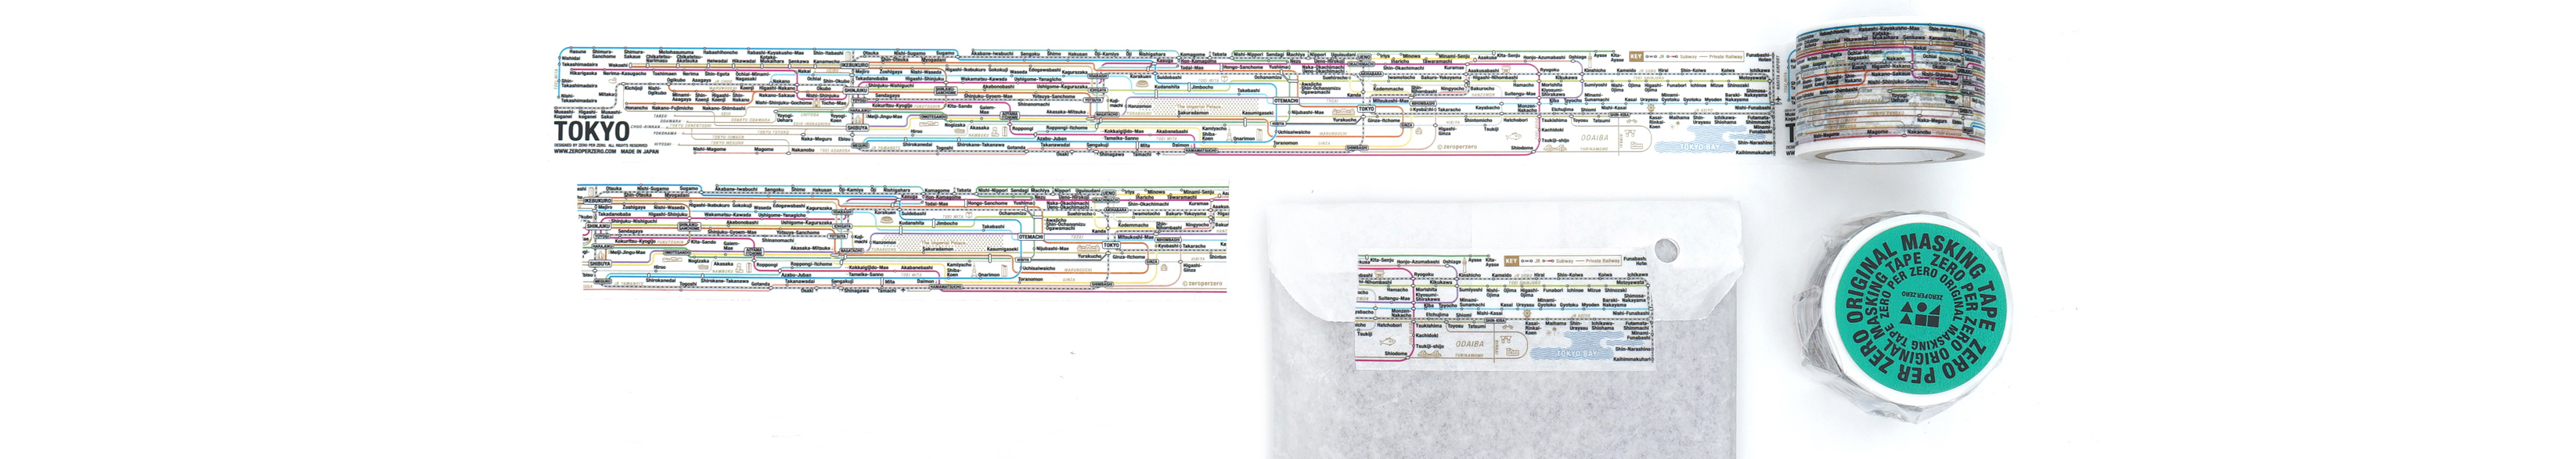 Tokyo Subway Masking Tape